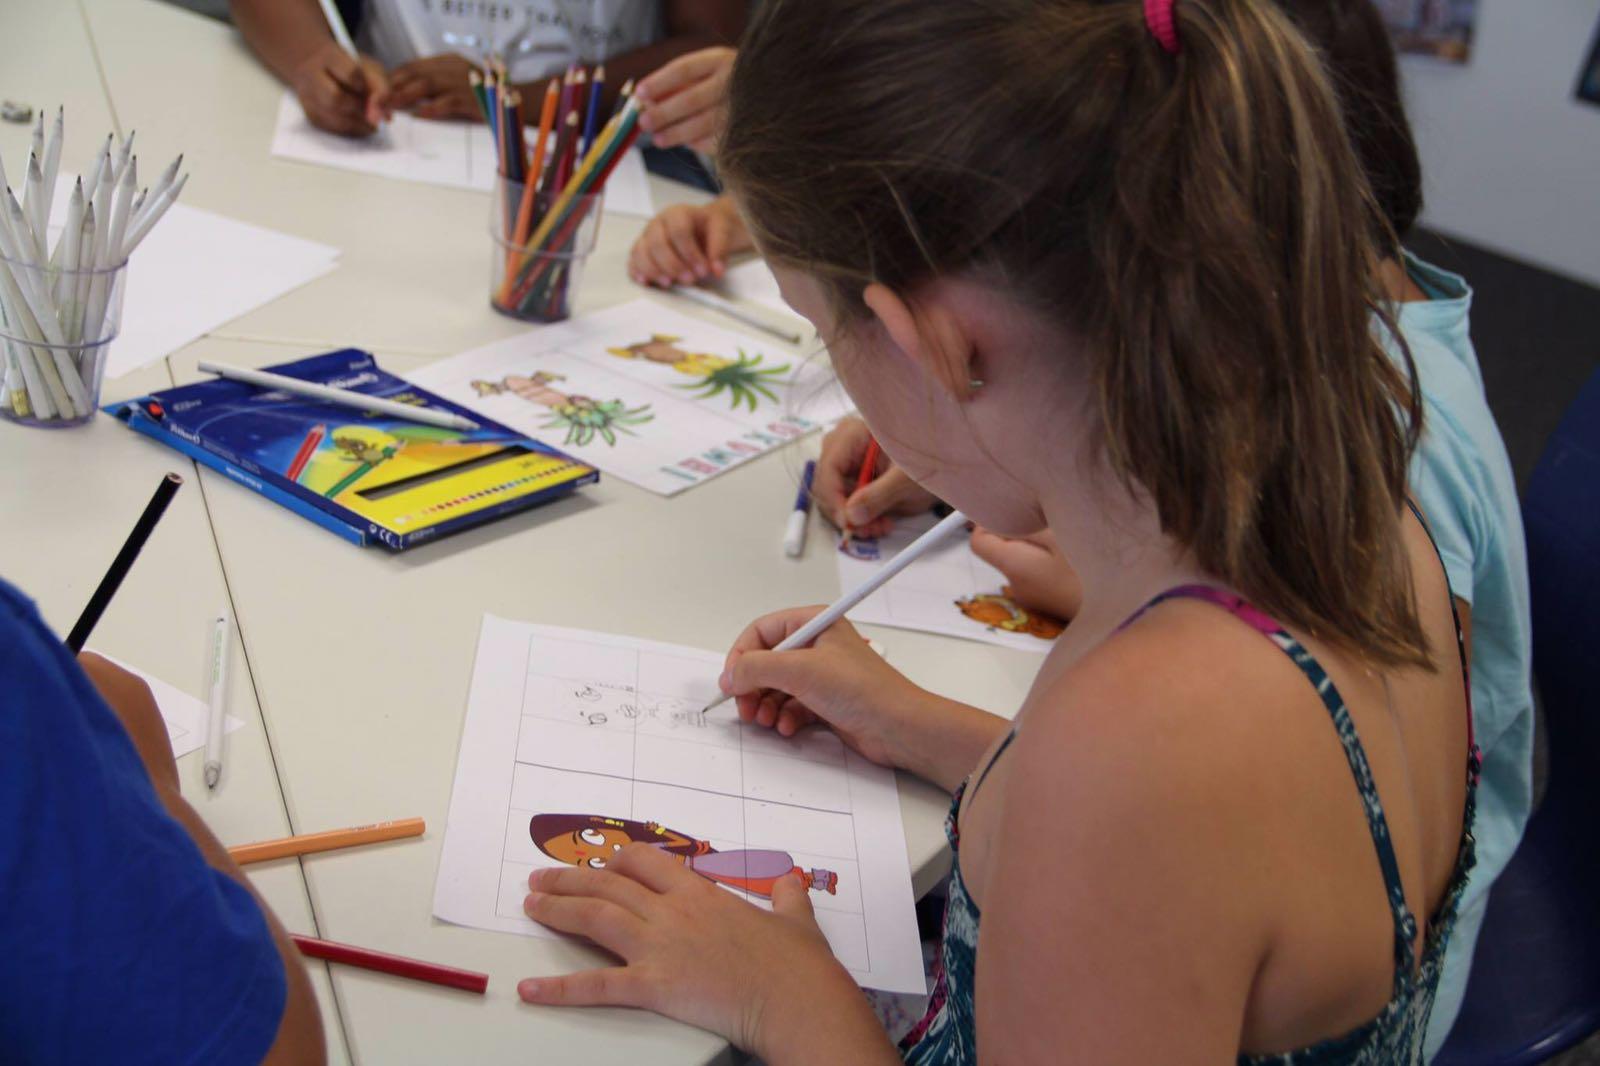 Bei der kostenlosen Kinderbetreuung der Initiative A1 Internet für Alle können Kinder von 6 bis 14 Jahren Avatare gestalten und online Comics zeichnen